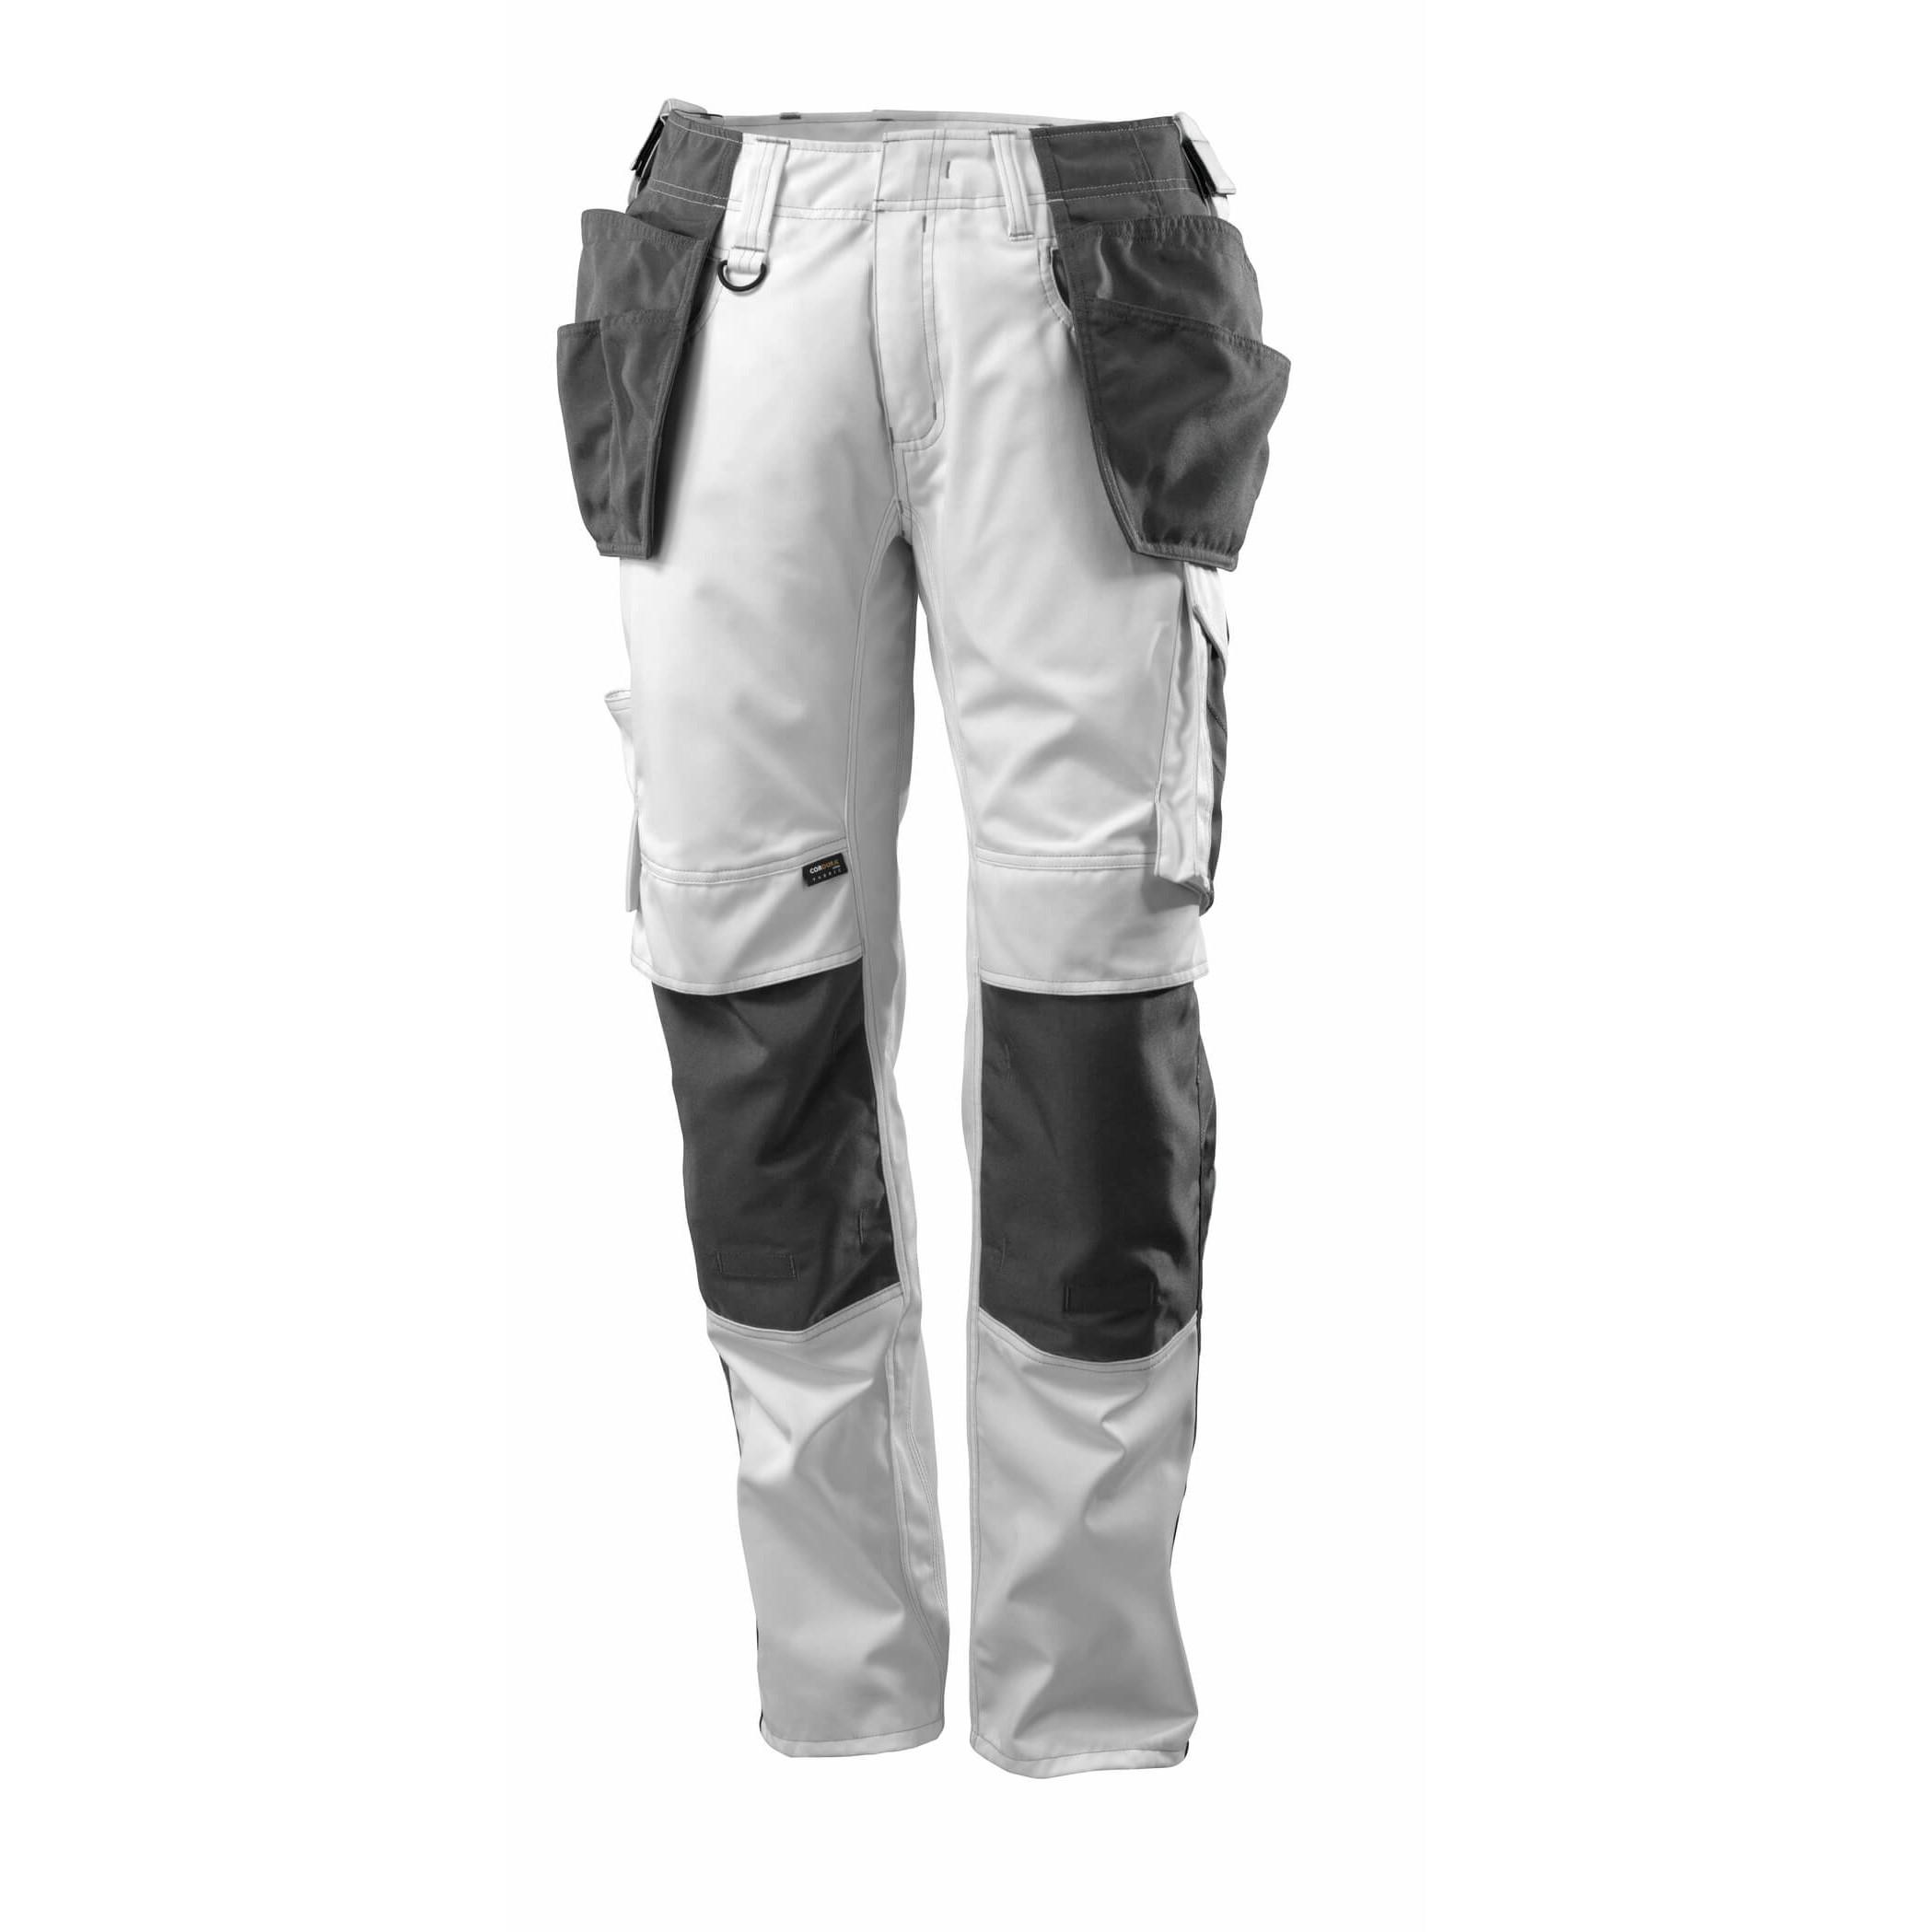 Pracovné nohavice MASCOT - UNIQUE Kassel, biela farba